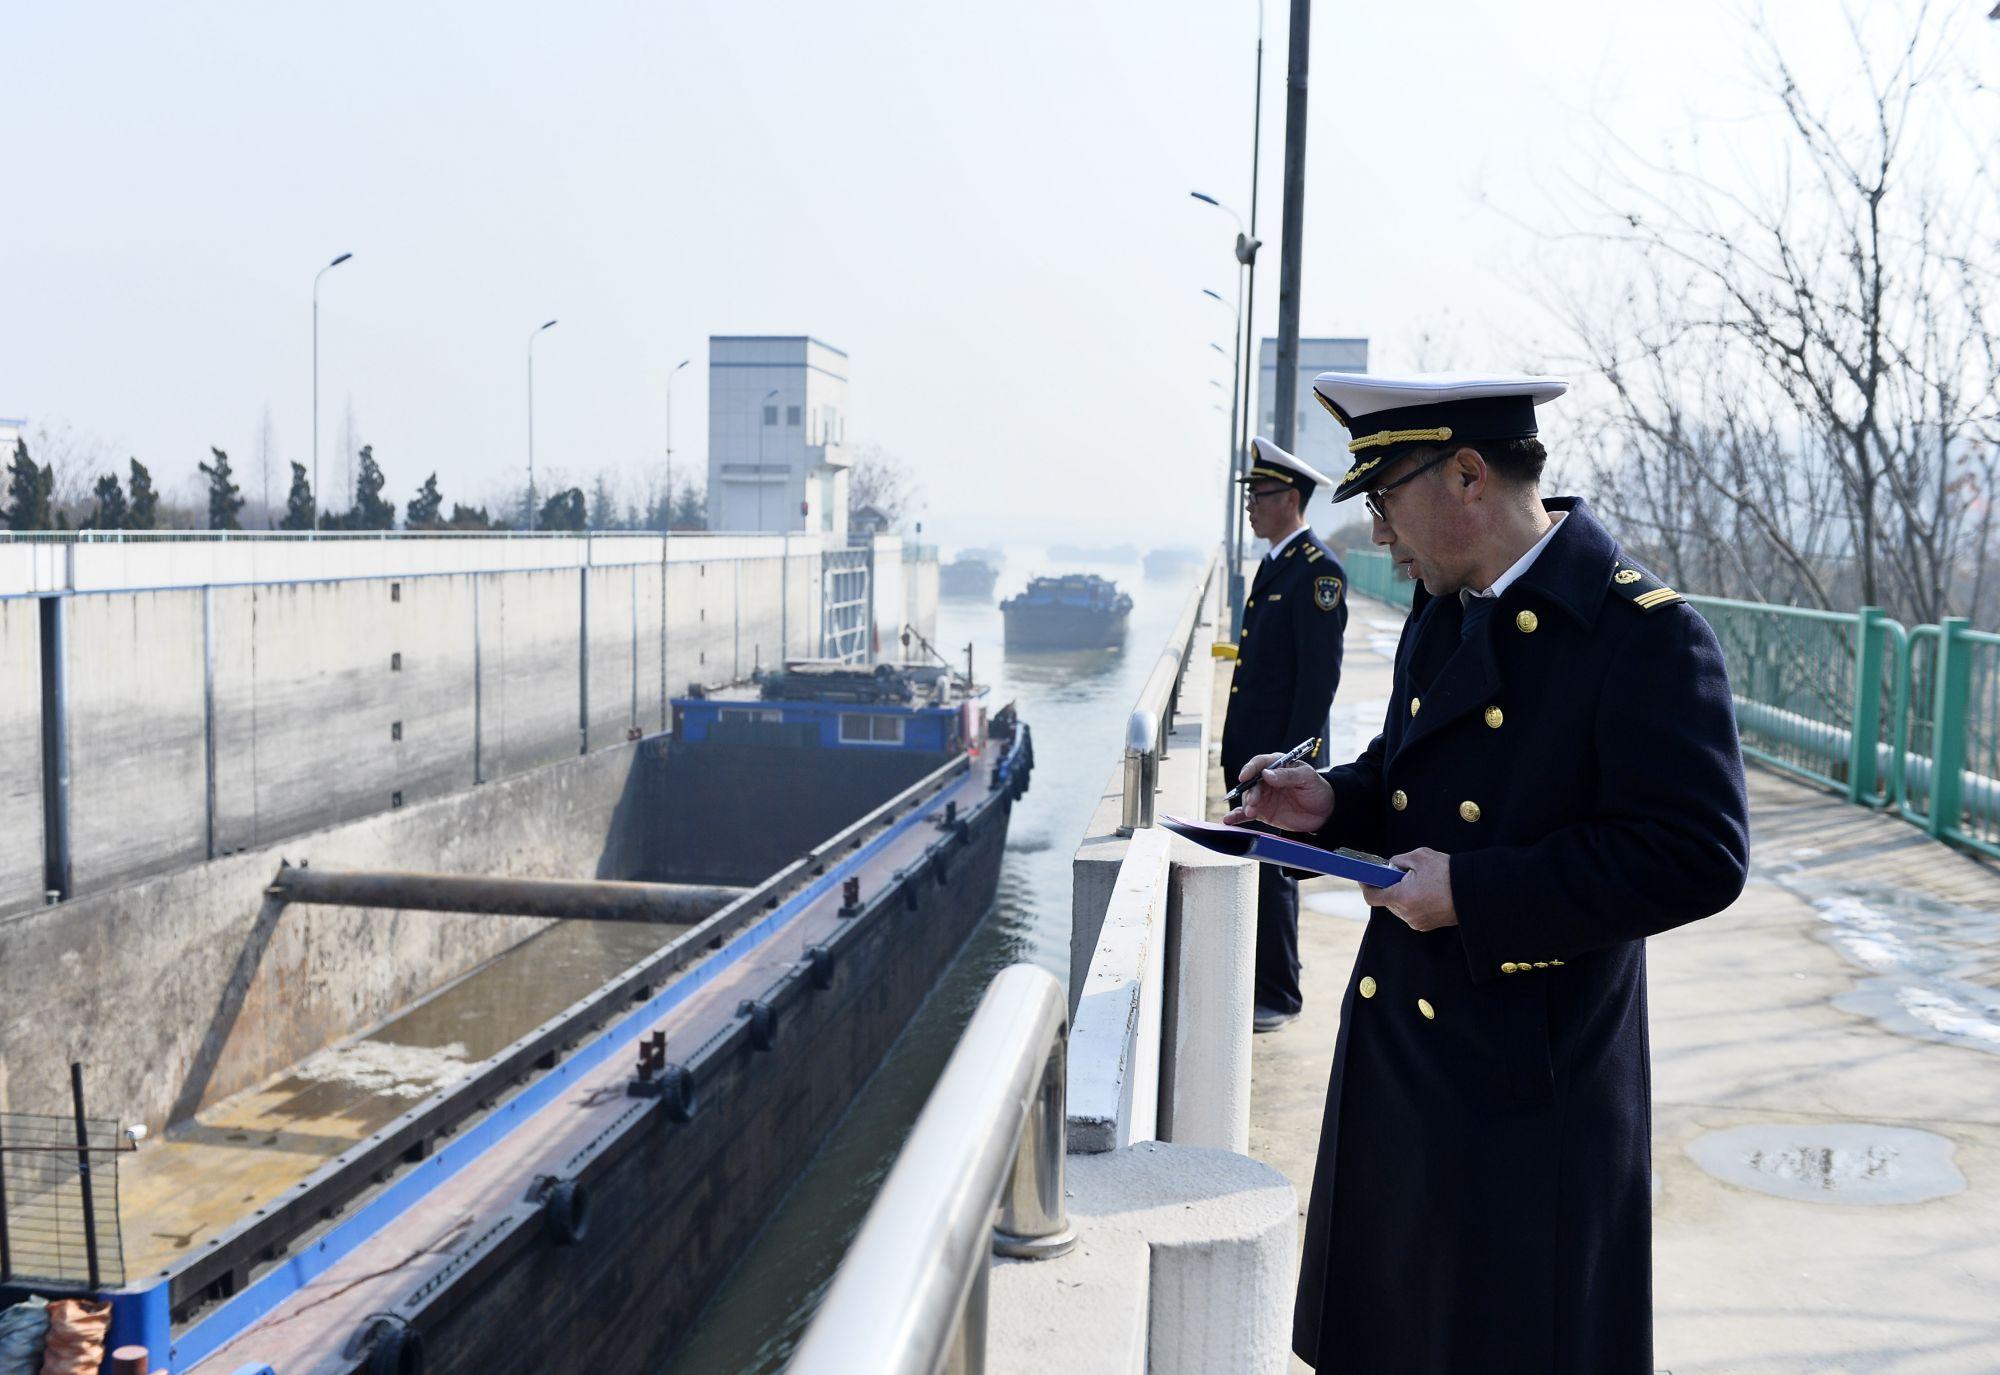 春运首日台儿庄返乡船运启程 志愿者船头送温暖